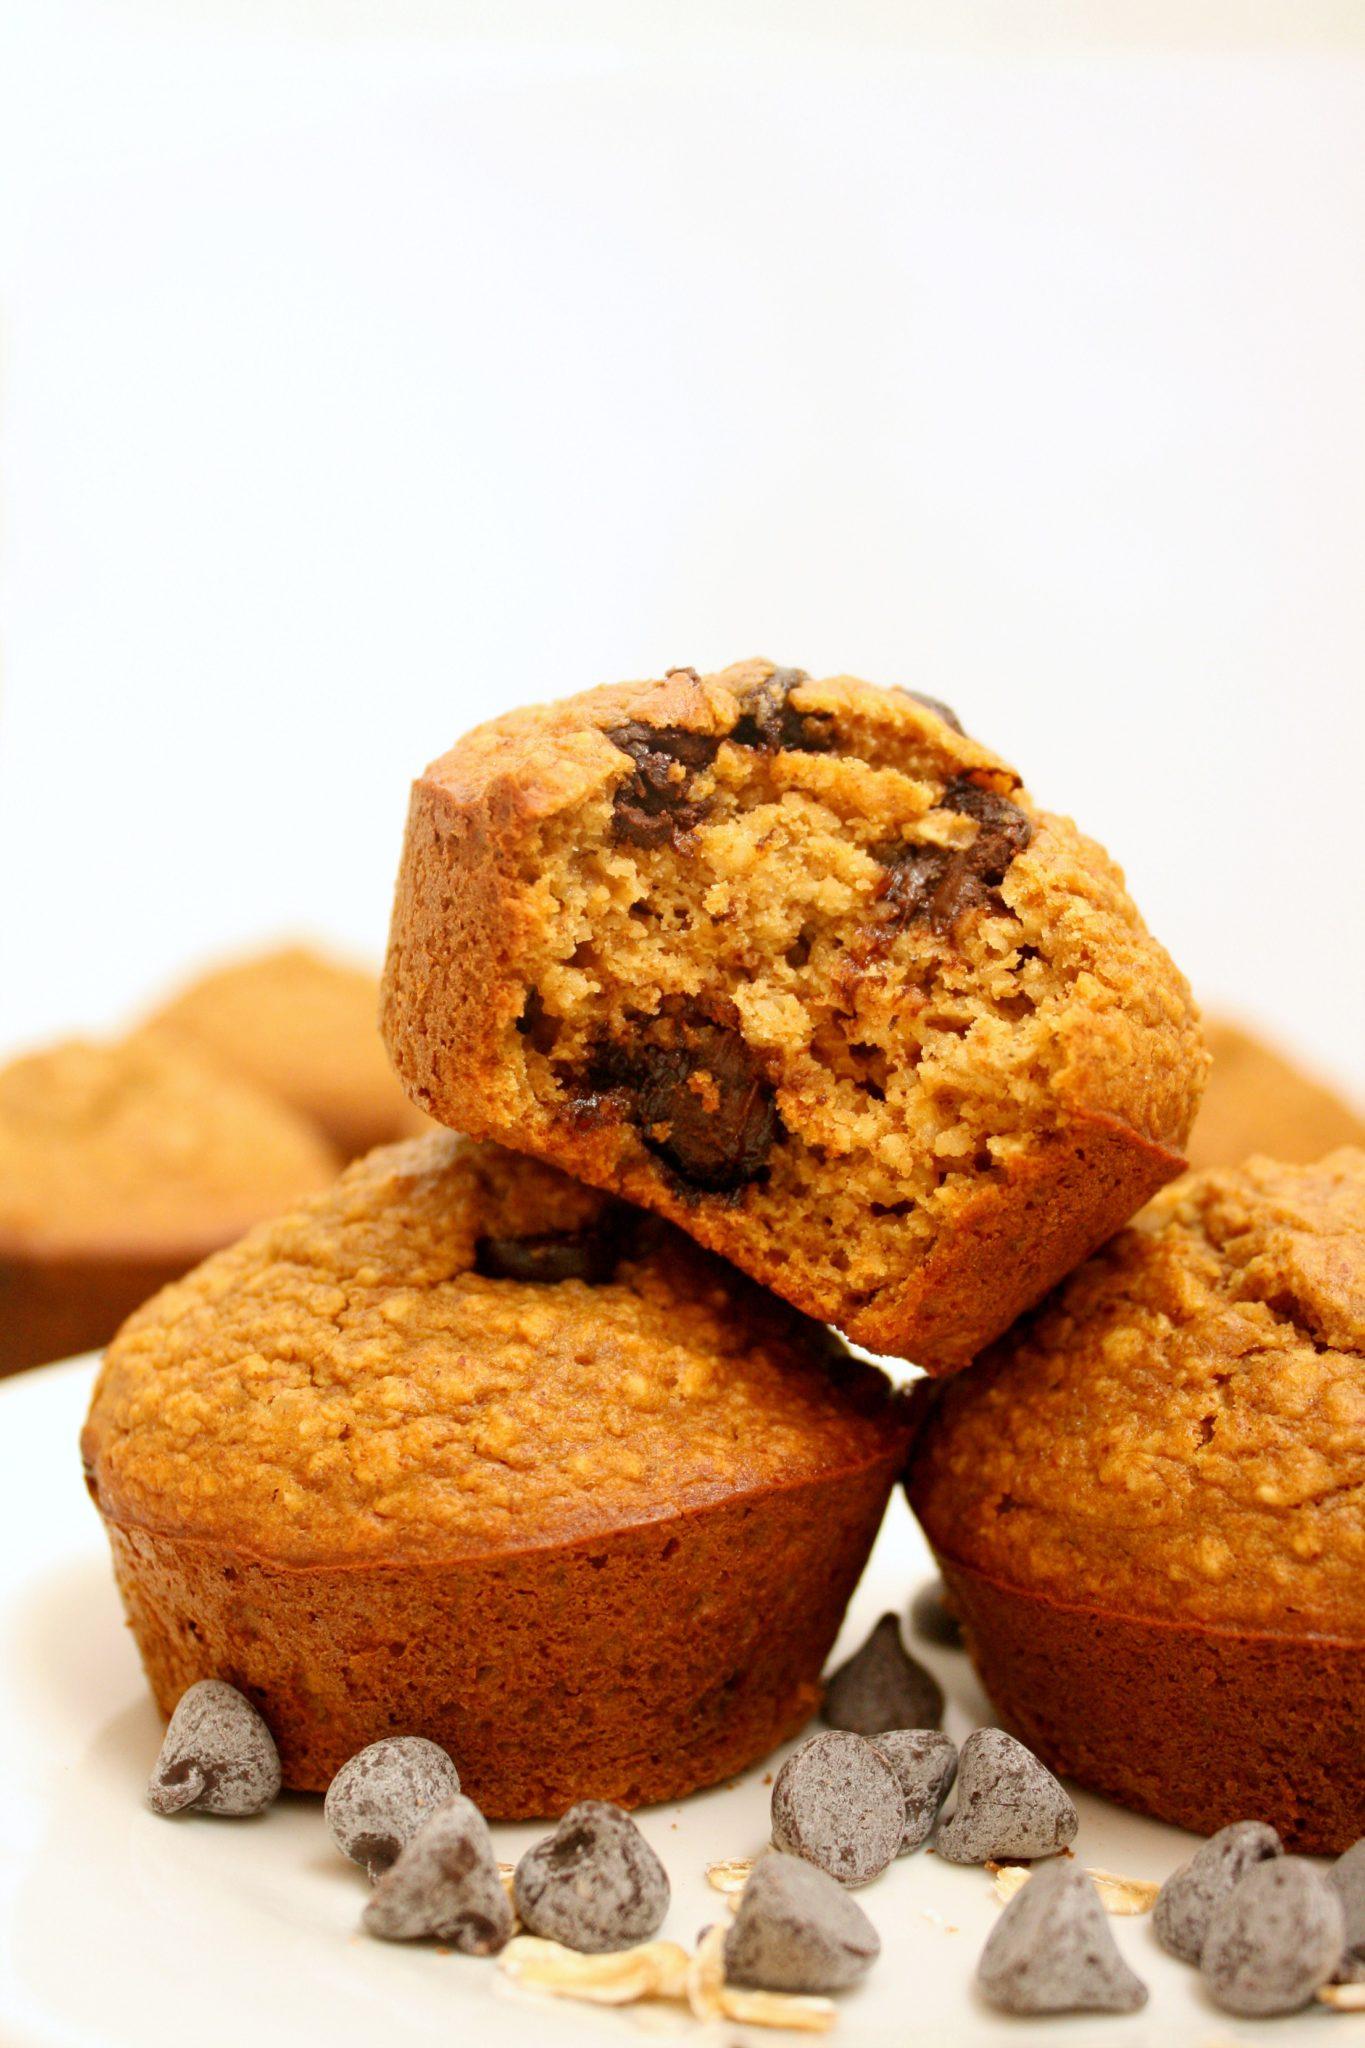 Muffins saudáveis. Absolutamente deliciosas! (Sem farinha, glúten, açúcar refinado, laticínios ou óleo)